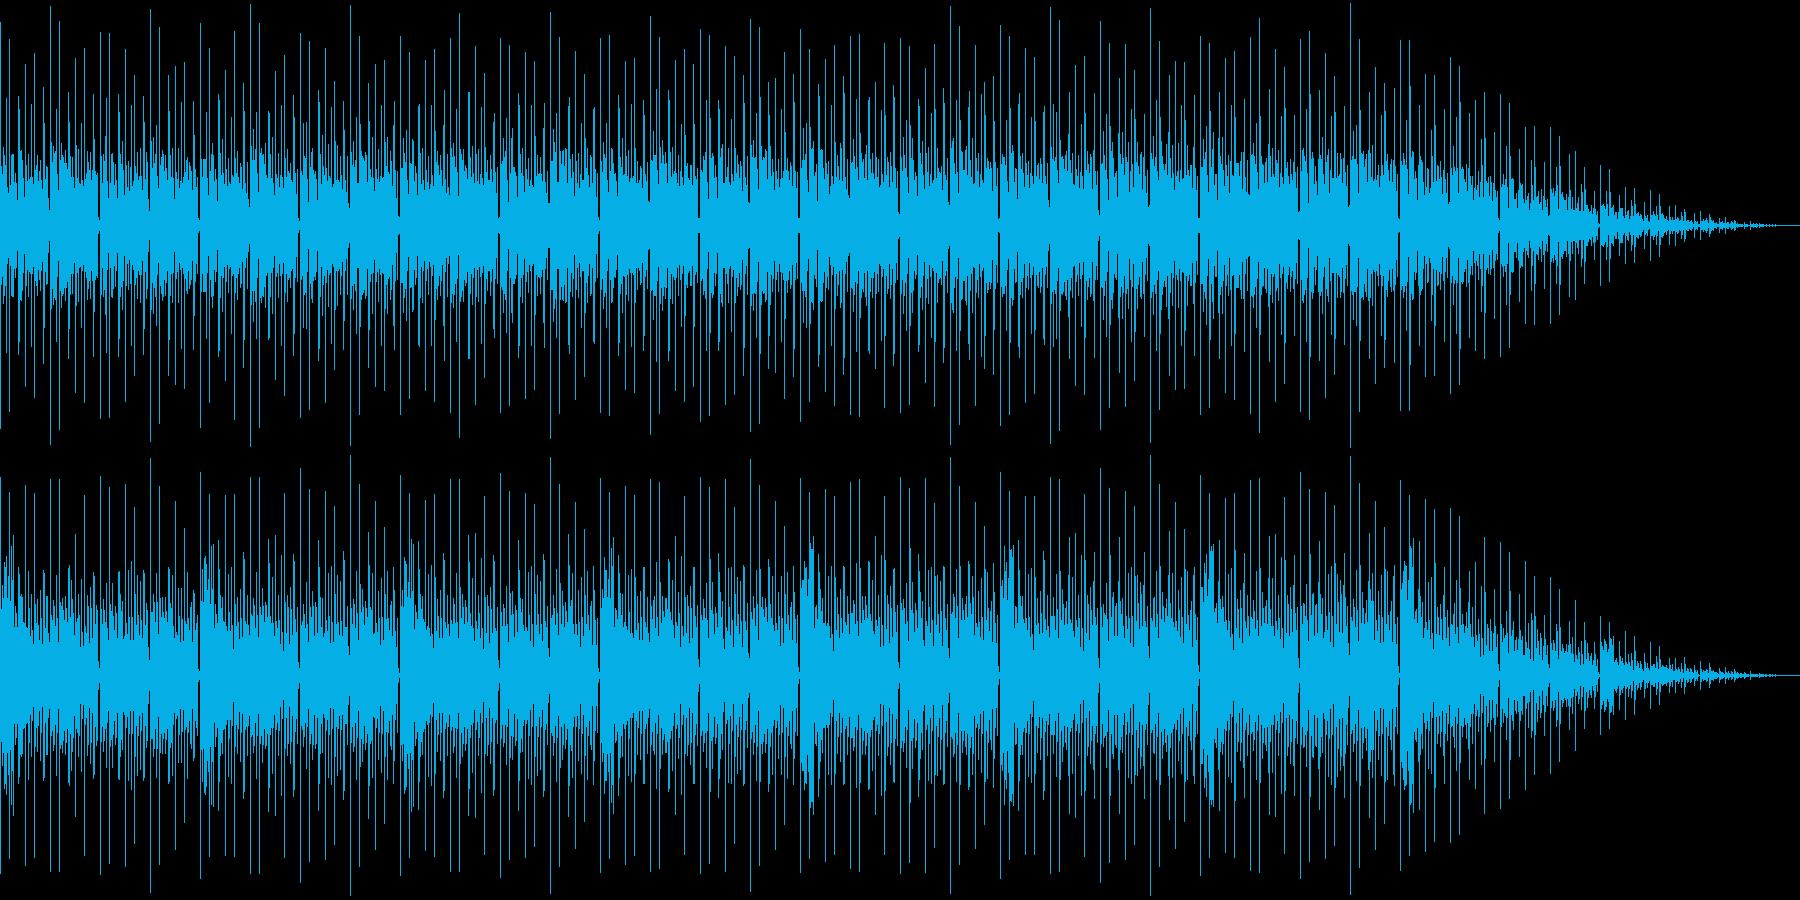 哀しめな曲調のリズムミュージックの再生済みの波形